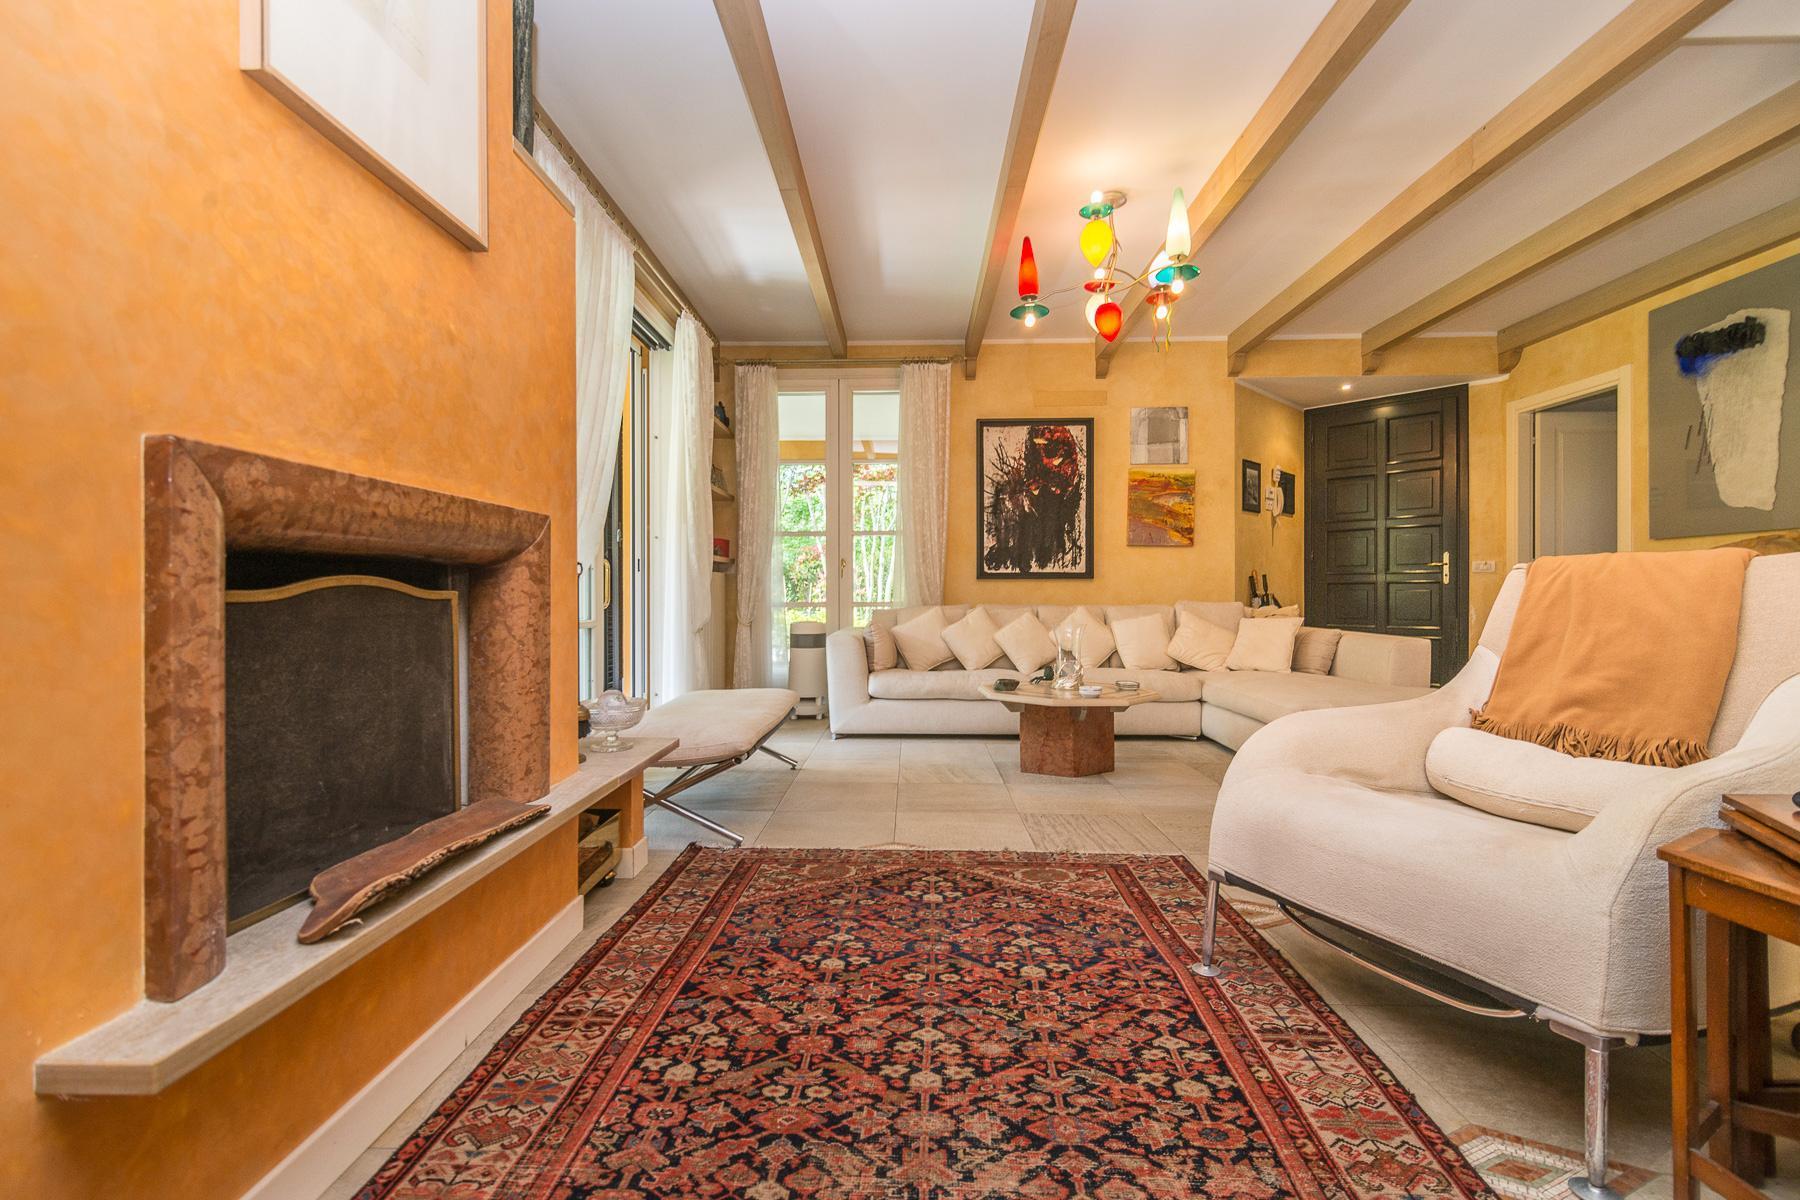 Golf Club Castelconturbia, splendida villa di 300 mq con giardino di 1500 mq e jacuzzi - 14